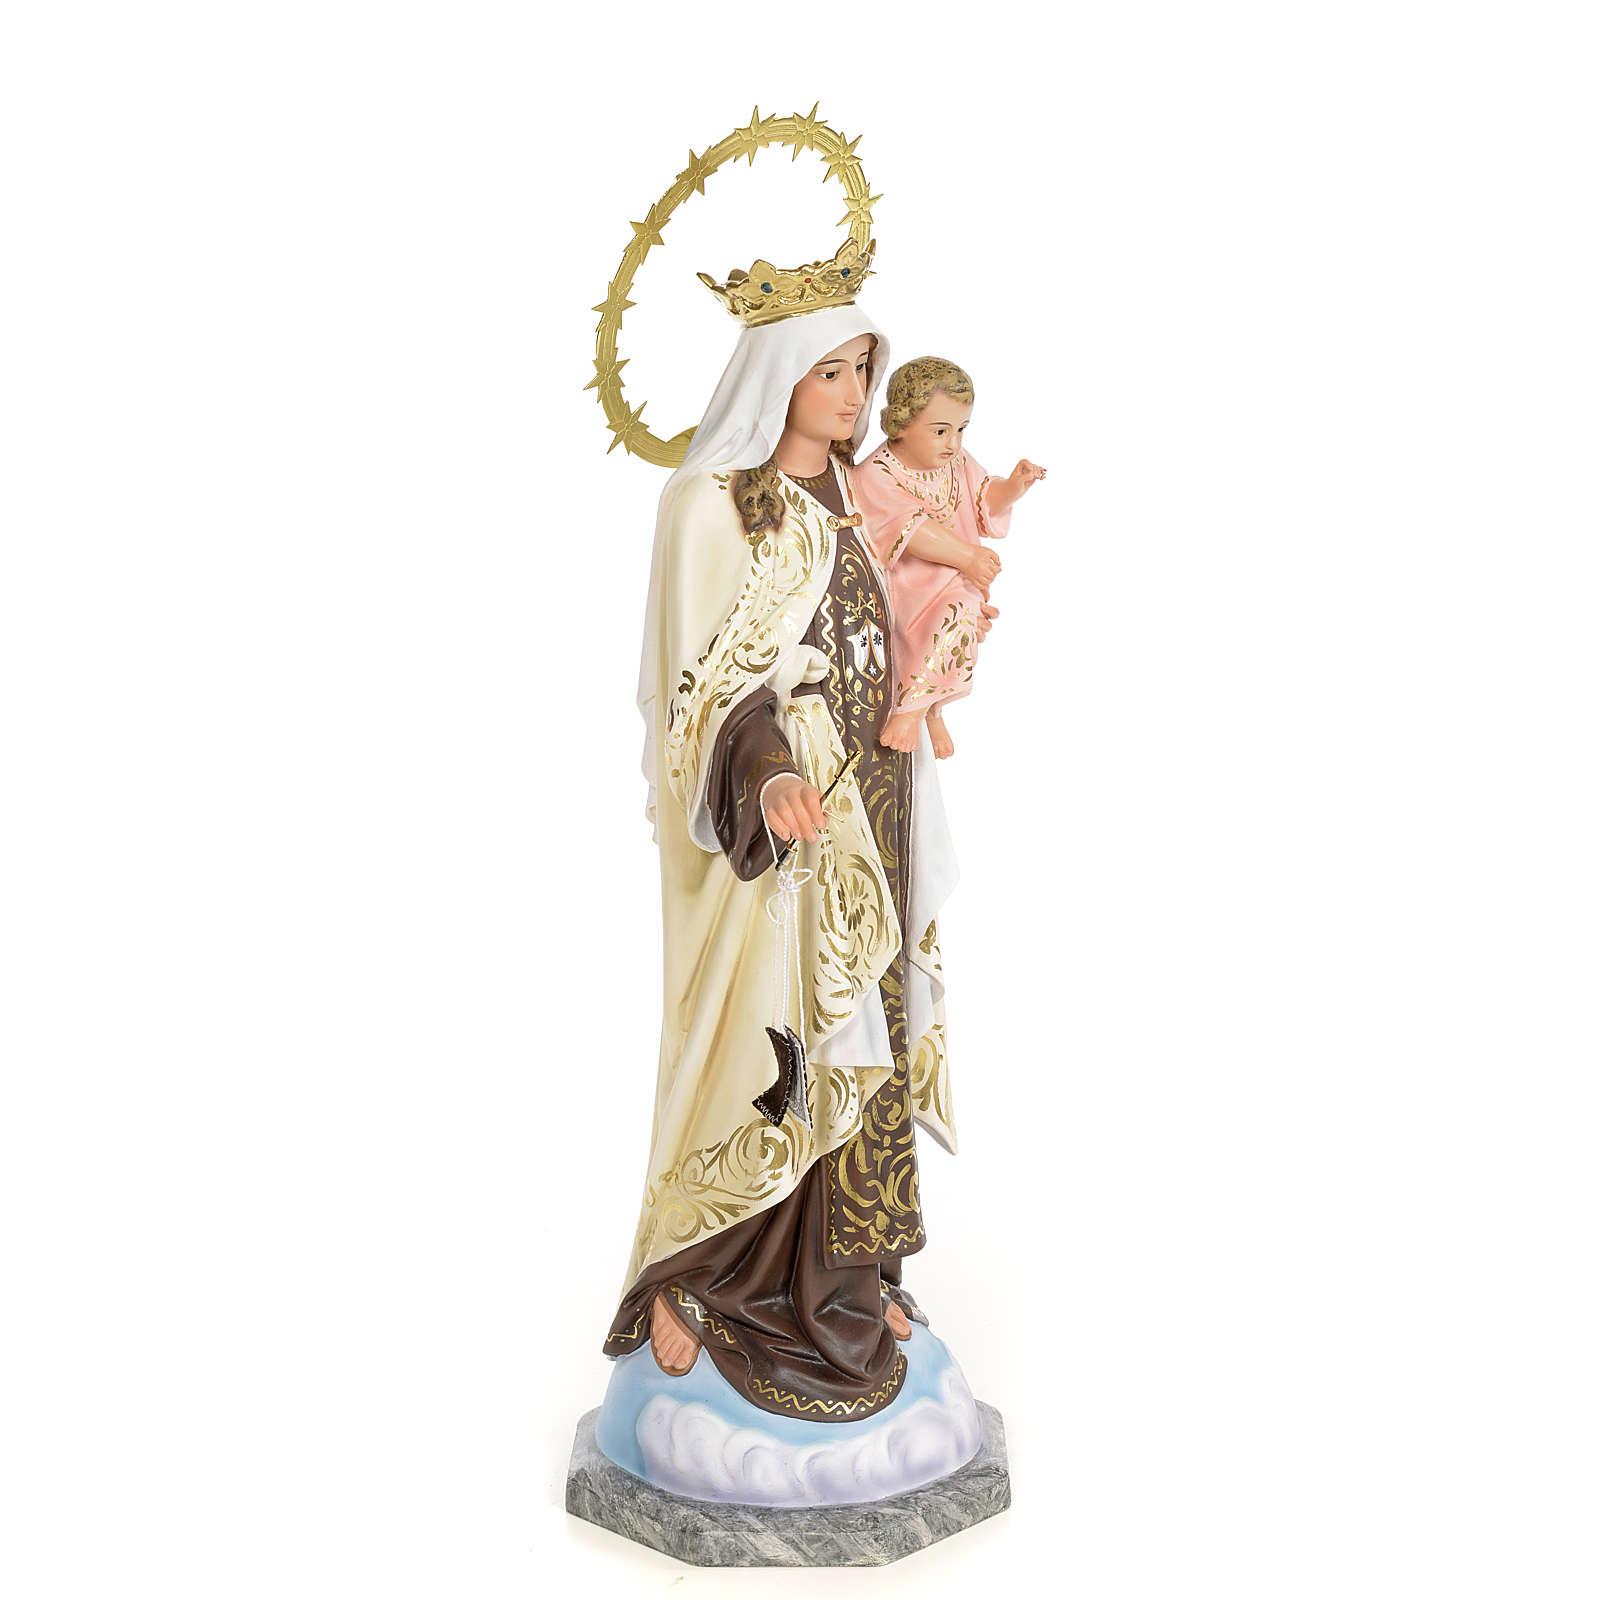 Matka Boża z Góry Karmel 50 cm ścier drzewny dek. eleganckie 4